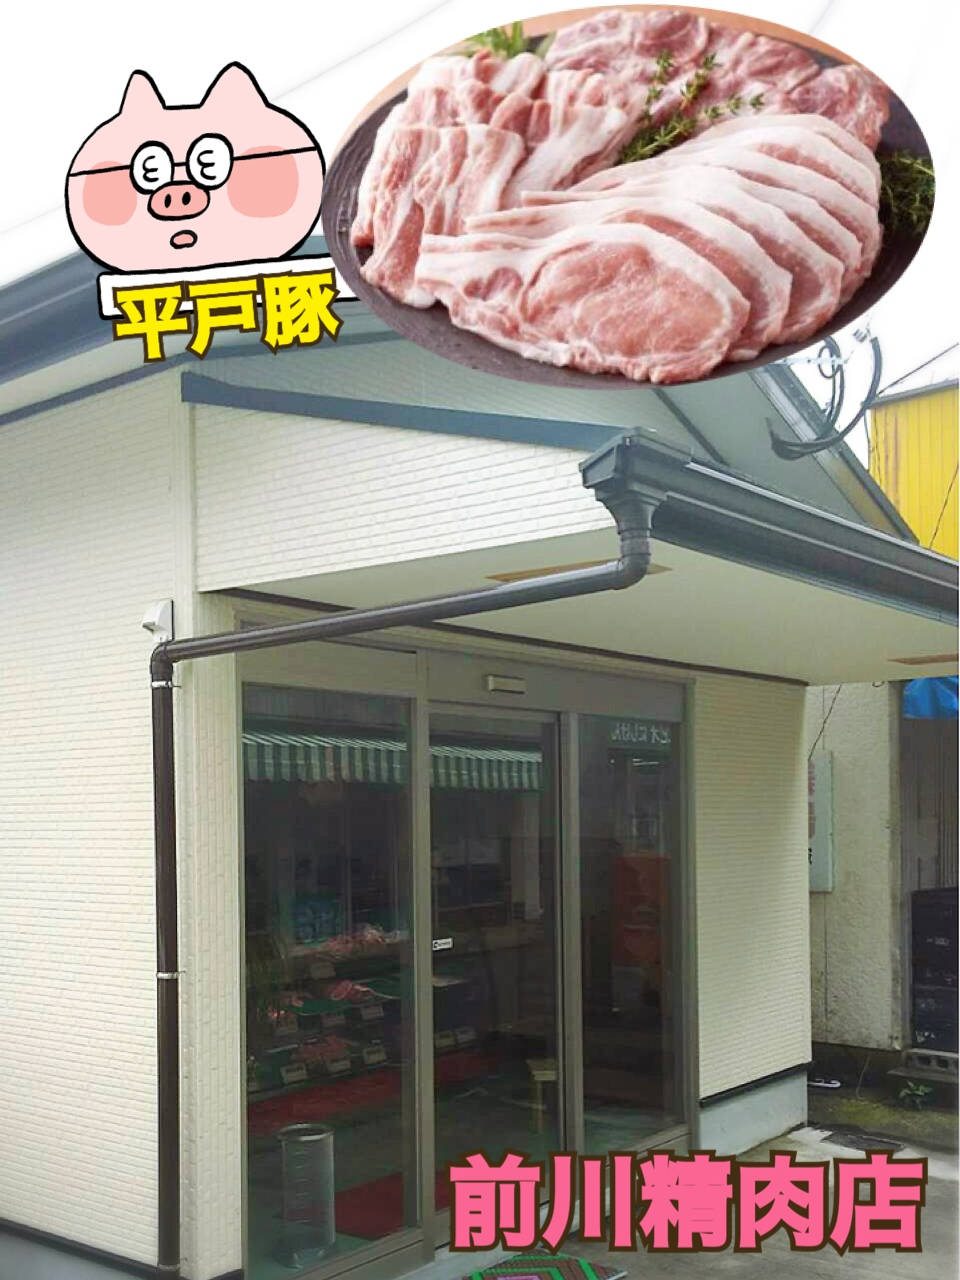 前川精肉店さんのご紹介(˙˘˙̀ ☆